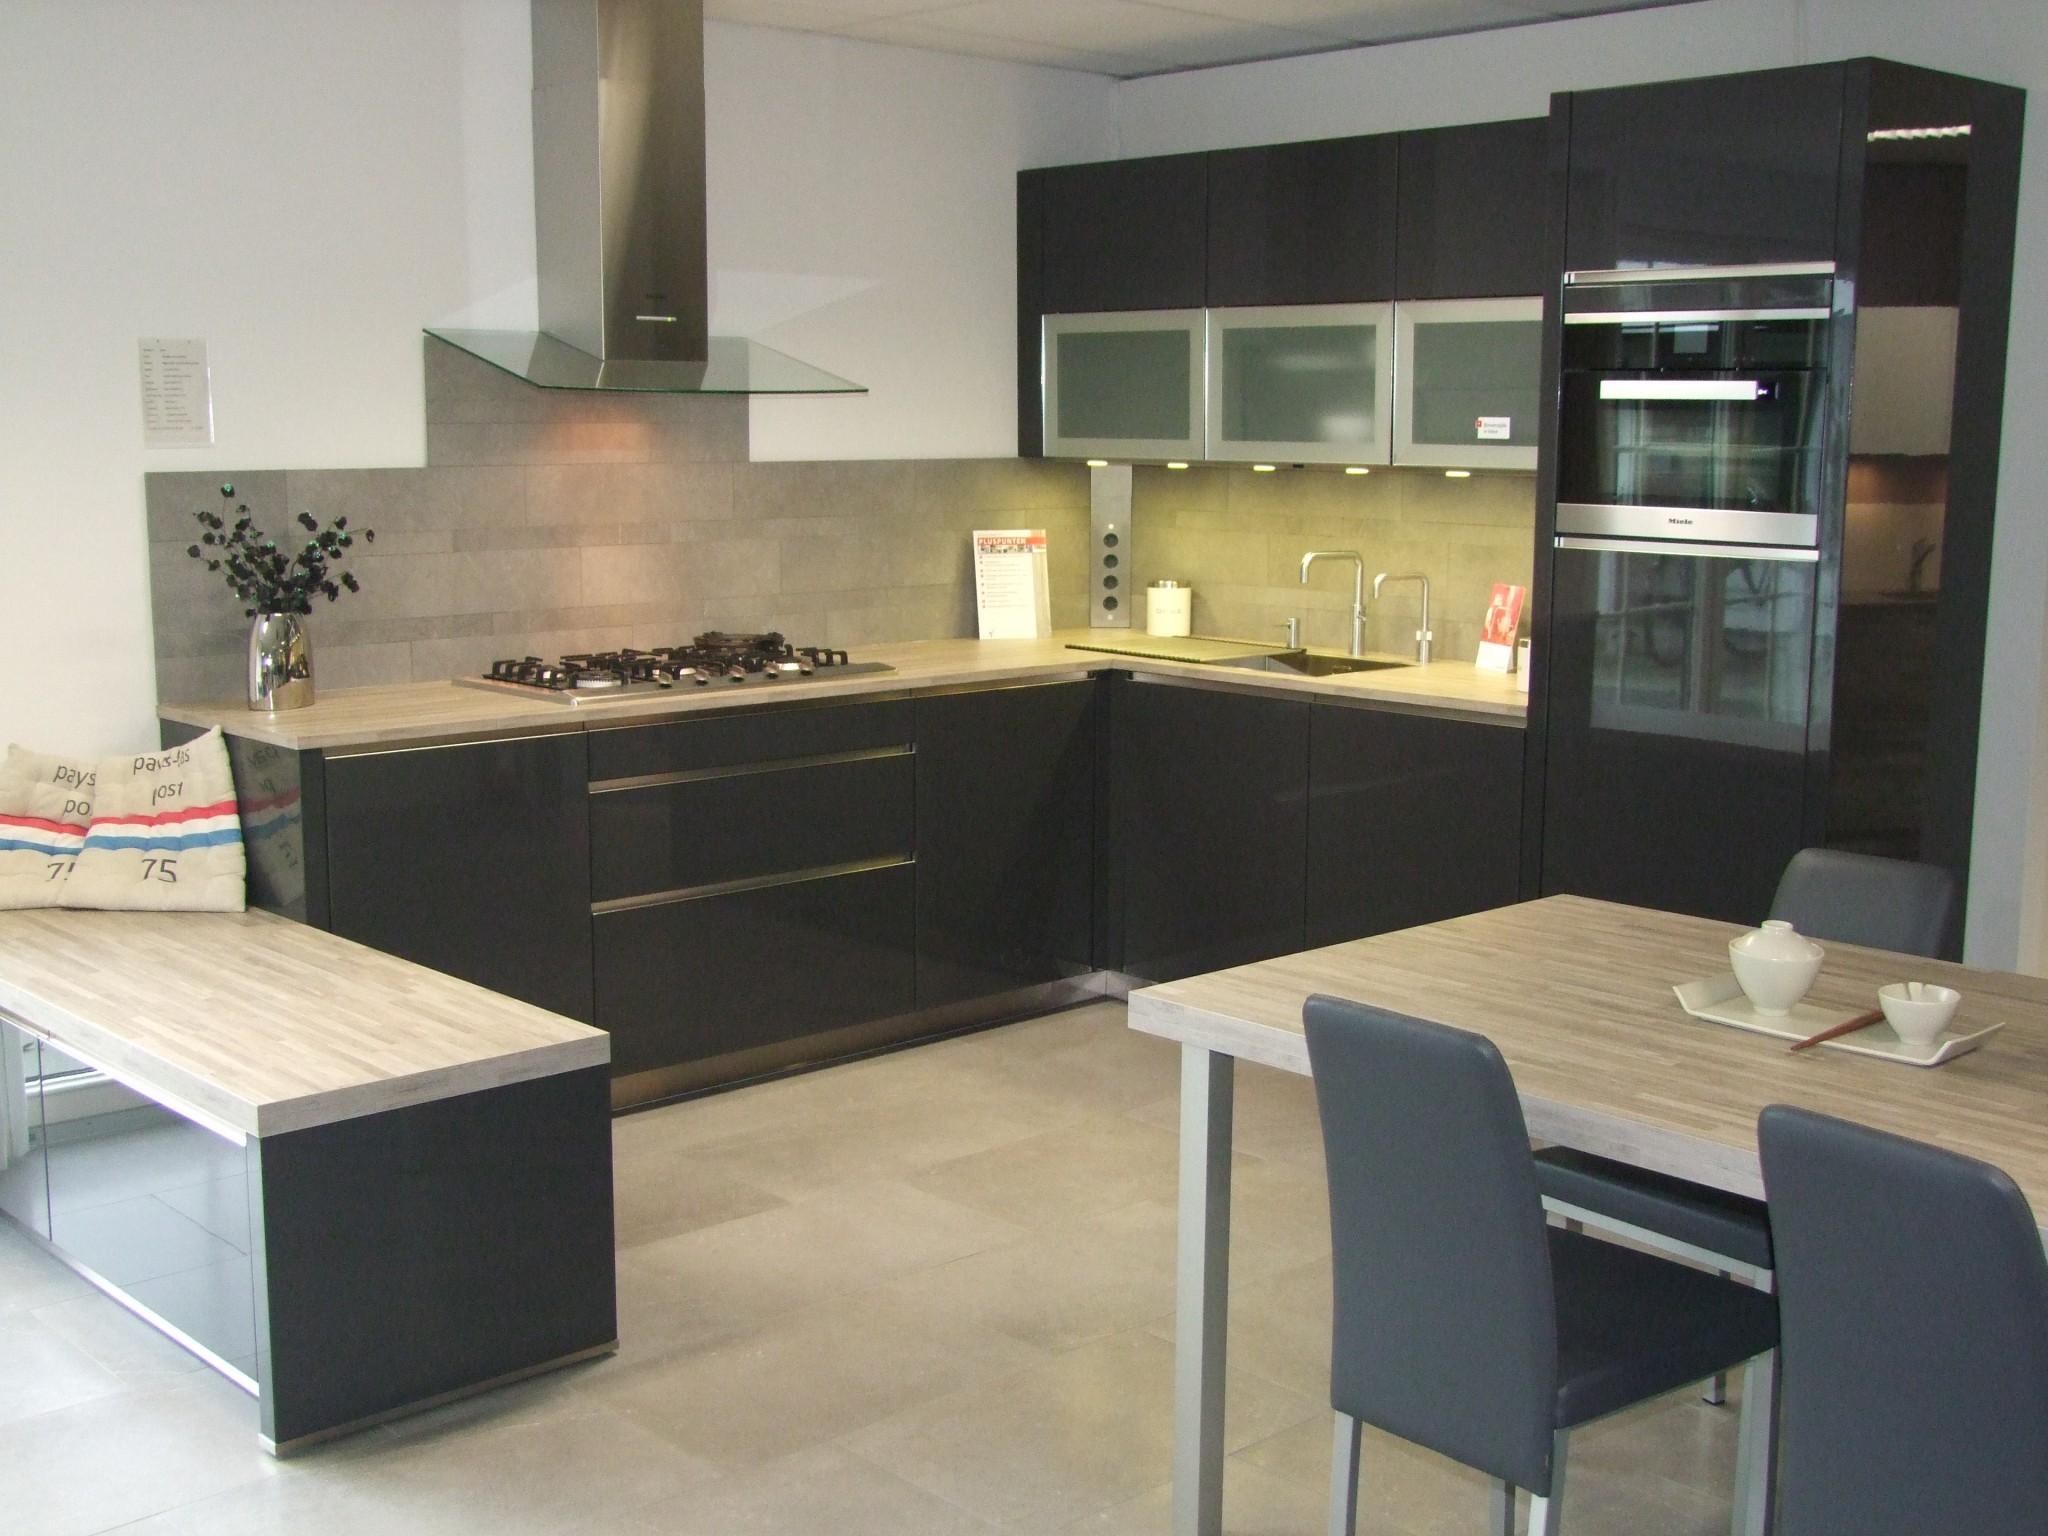 Strakke moderne keuken van vancel kremer keukens showroom opruiming - Fotos van moderne keuken ...